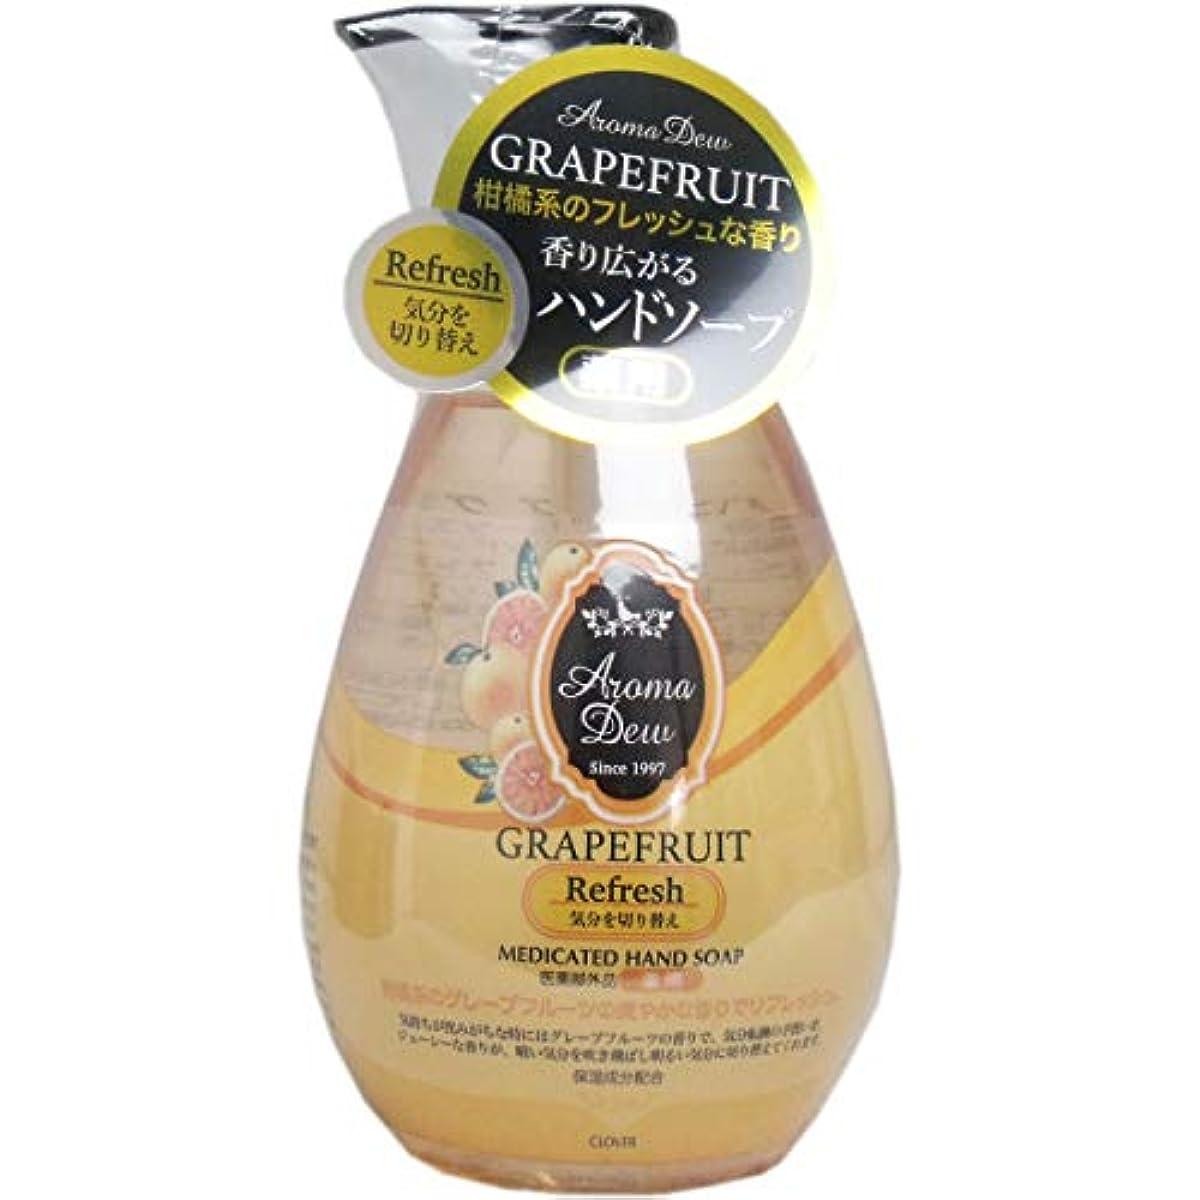 力征服する範囲薬用アロマデュウ ハンドソープ グレープフルーツの香り 260mL×5個セット(管理番号 4901498104453)